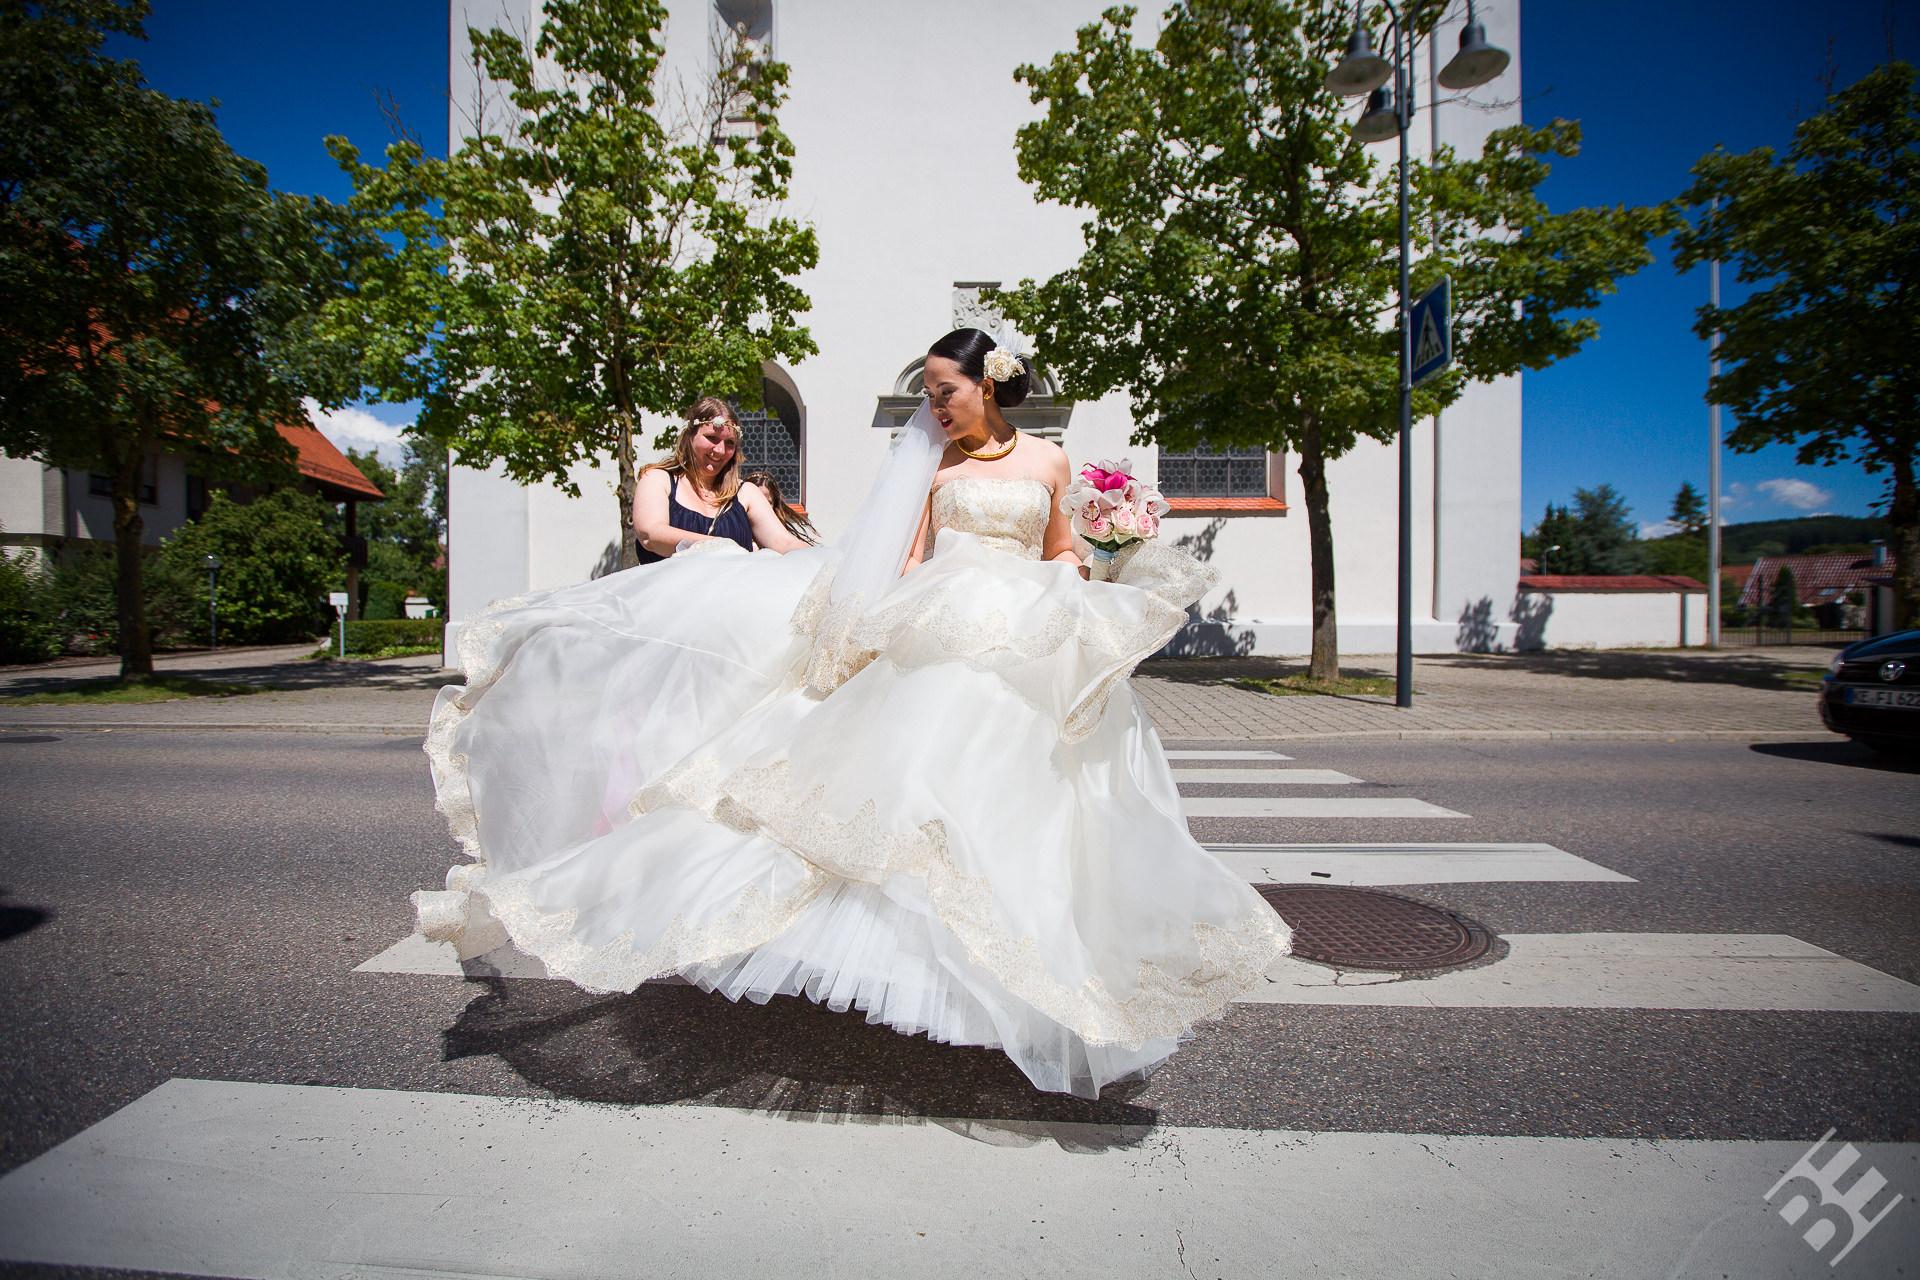 Hochzeit_07_IMG_9754-2_Volen_Evtimov